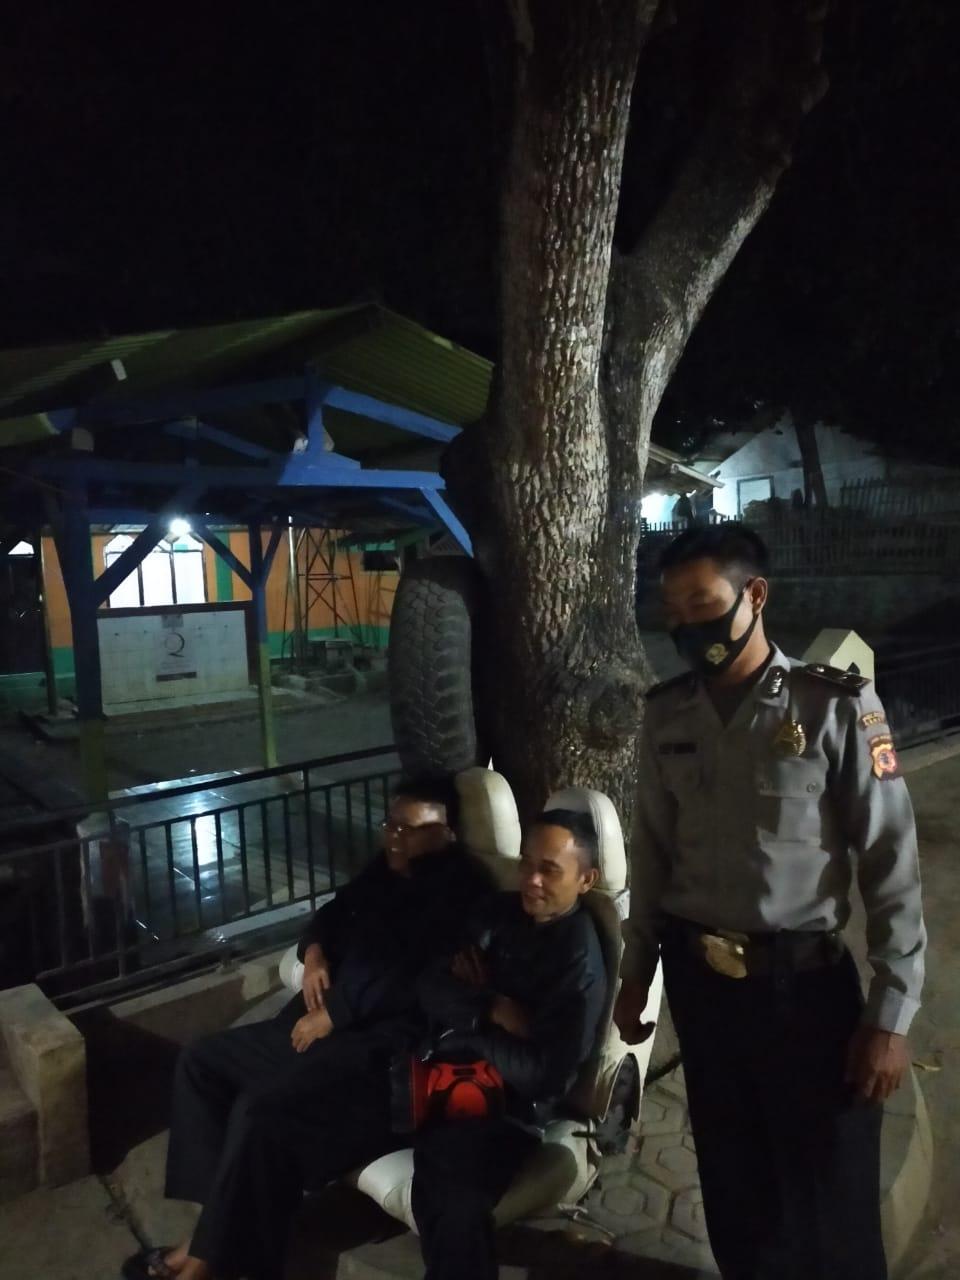 Polsek leuwigoong Patroli Antisipasi Cegah Penyebaran Virus Covid 19 Dan Himbauan 3 M